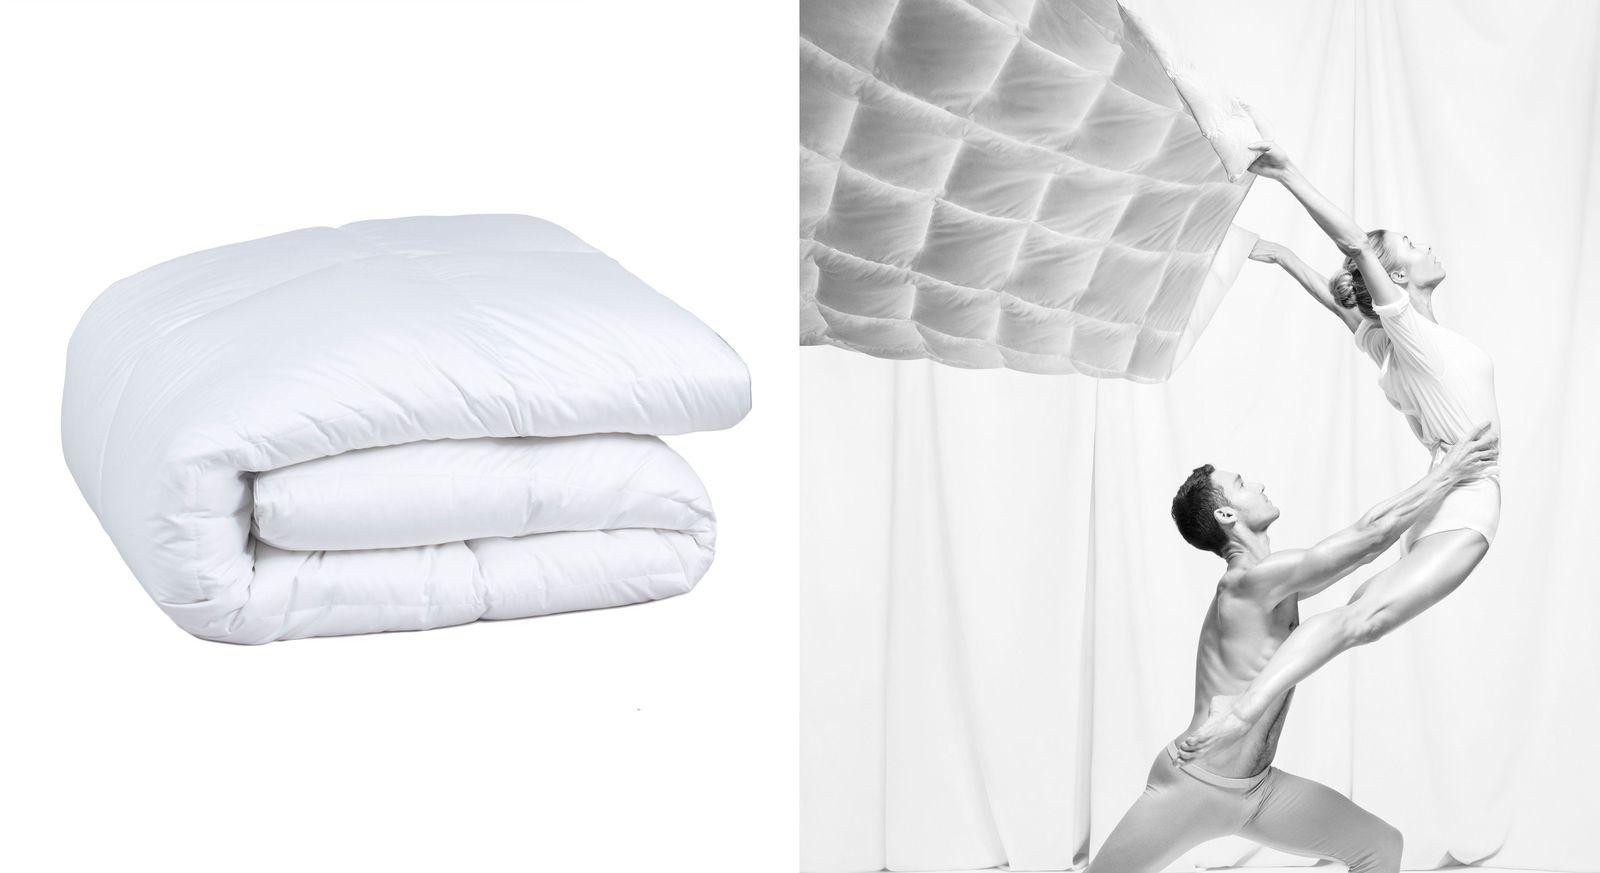 Pyrenex Bettdecke premium warm mit Daunen aus artgerechter Tierhaltung